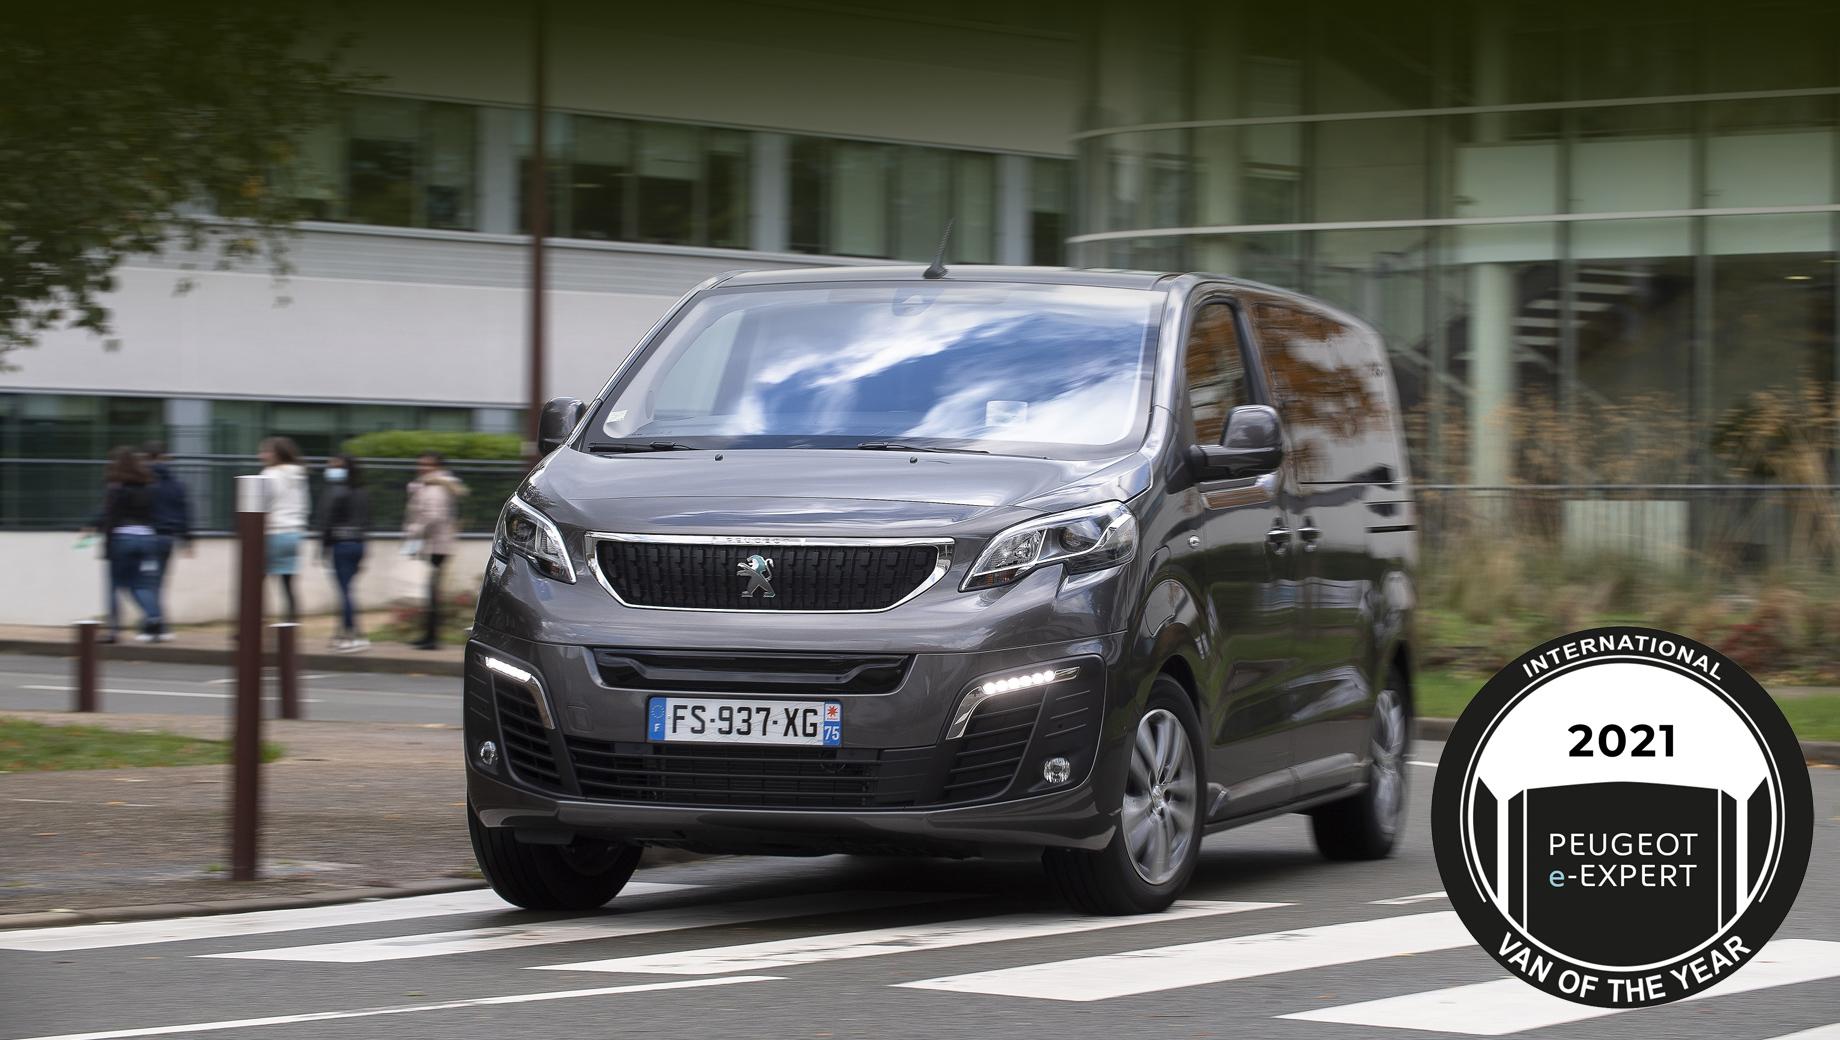 Peugeot e-expert,Citroen e-jumpy,Opel vivaro-e. Первый раз объявлялся «Вэн года-1992» (в конце 1991-го), и им был Volkswagen Transporter T4. Так что теперь вручается тридцатая такая награда.